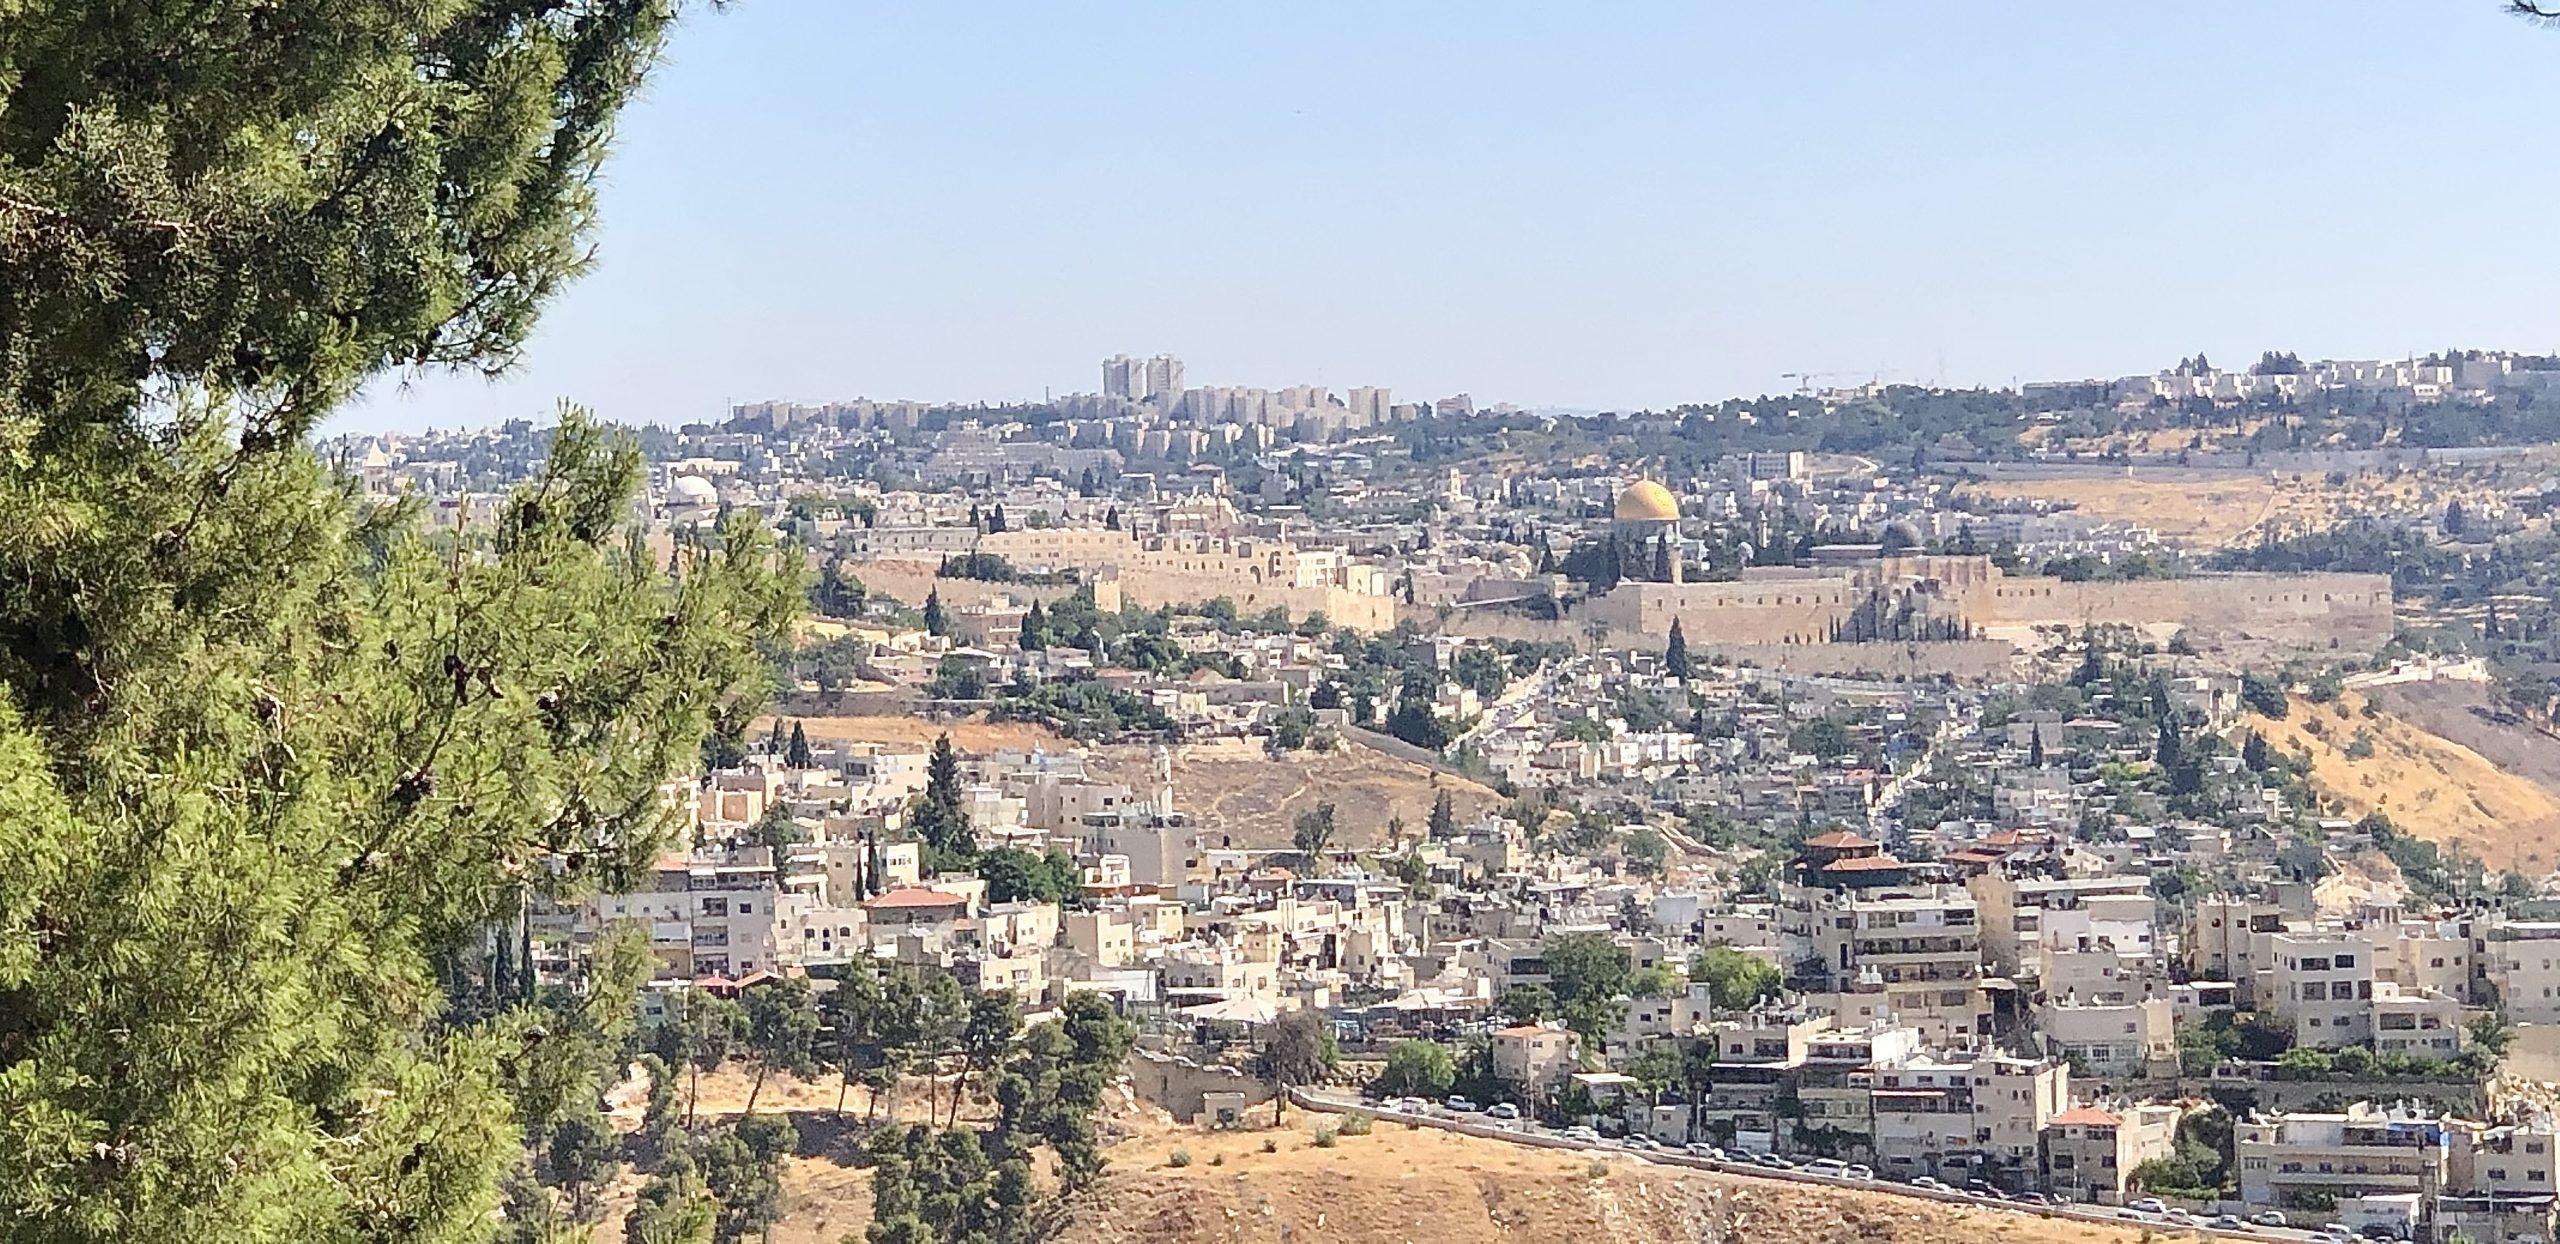 Вид на Восточный Иерусалим. Фото Елены Шафран